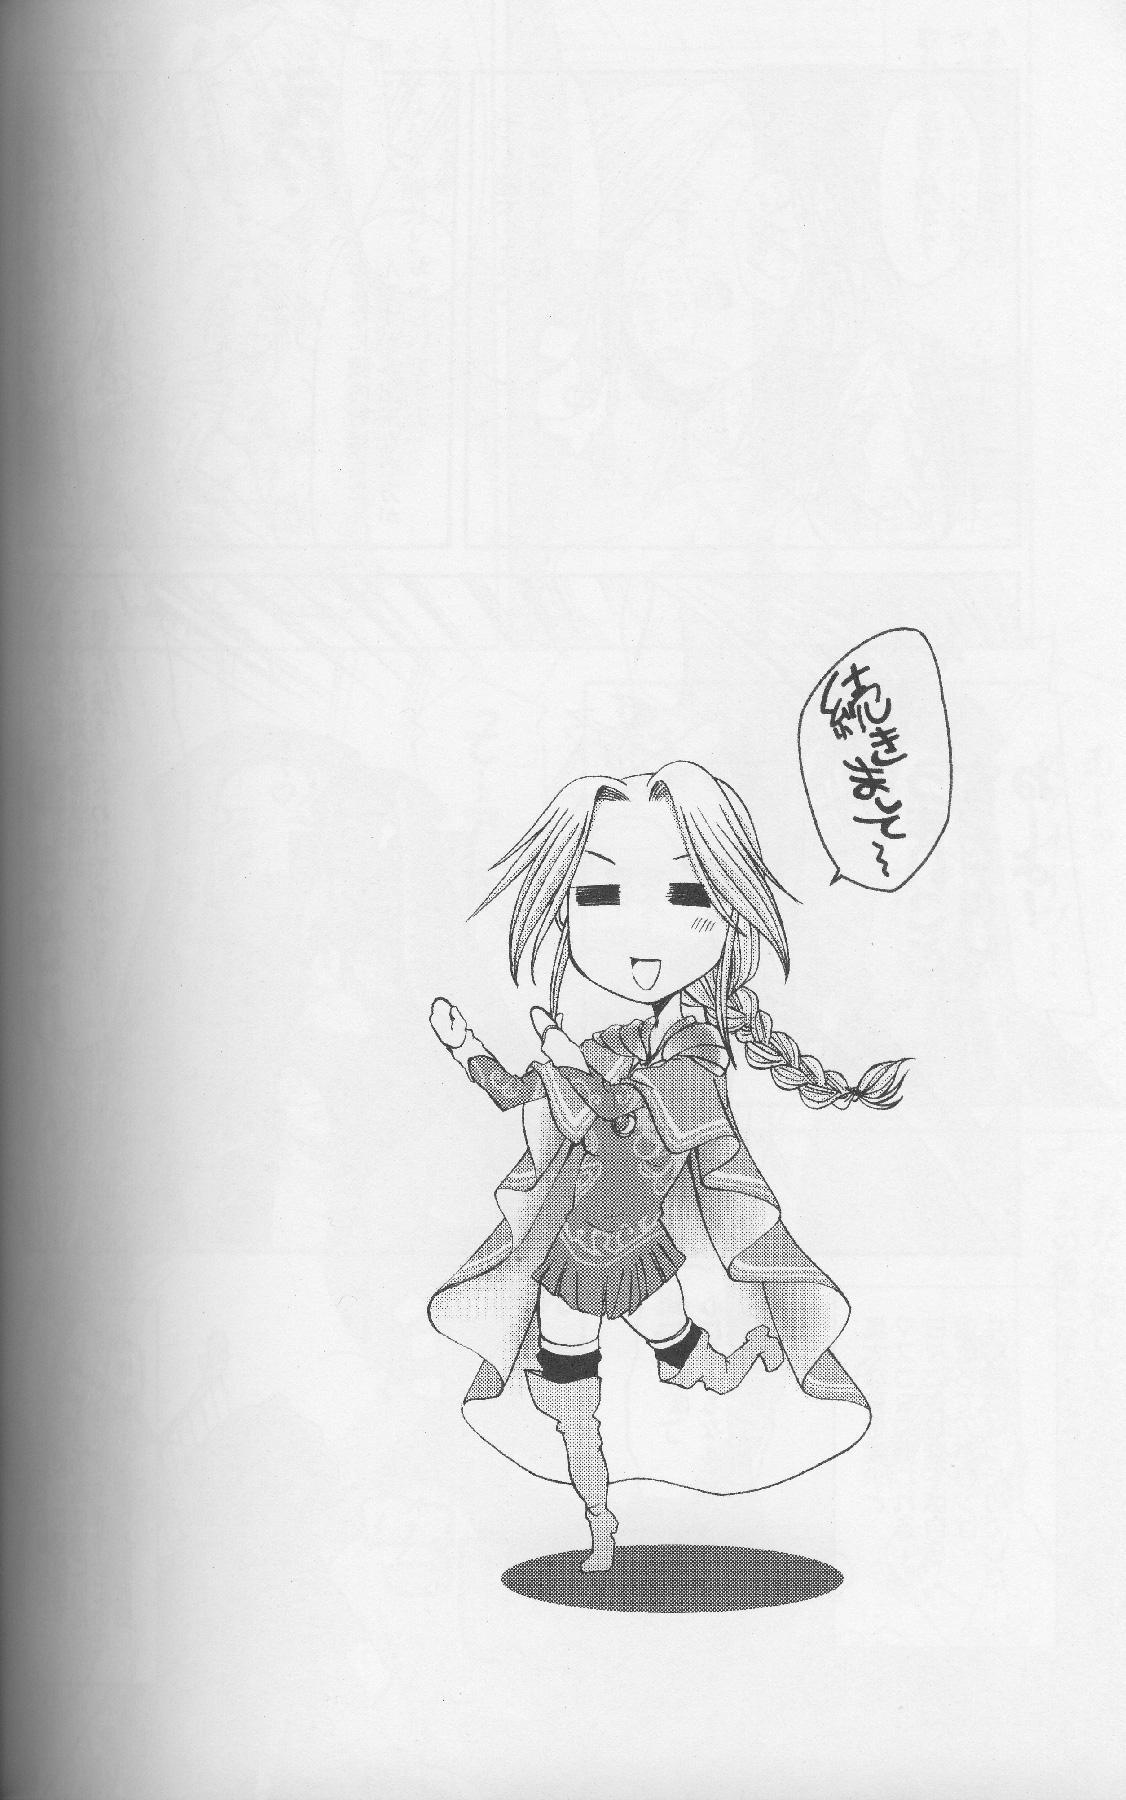 Komakasugite Tsutawaranai Ero Doujin Senshuken Haru no Nijikan SPECIAL 68